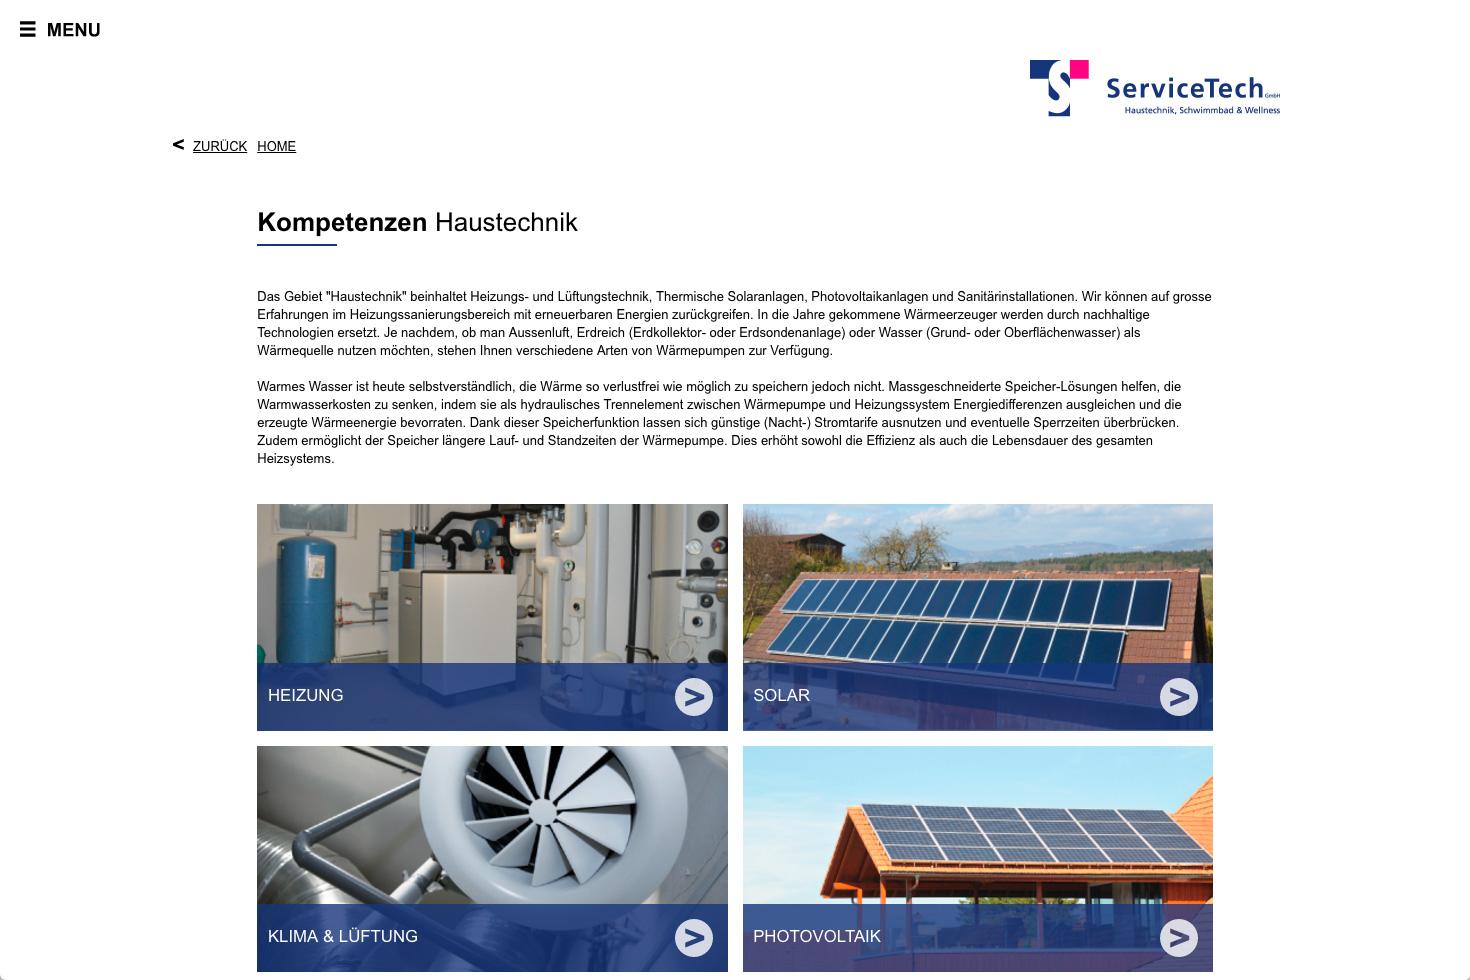 Bild 3 vom ServiceTech Webseite